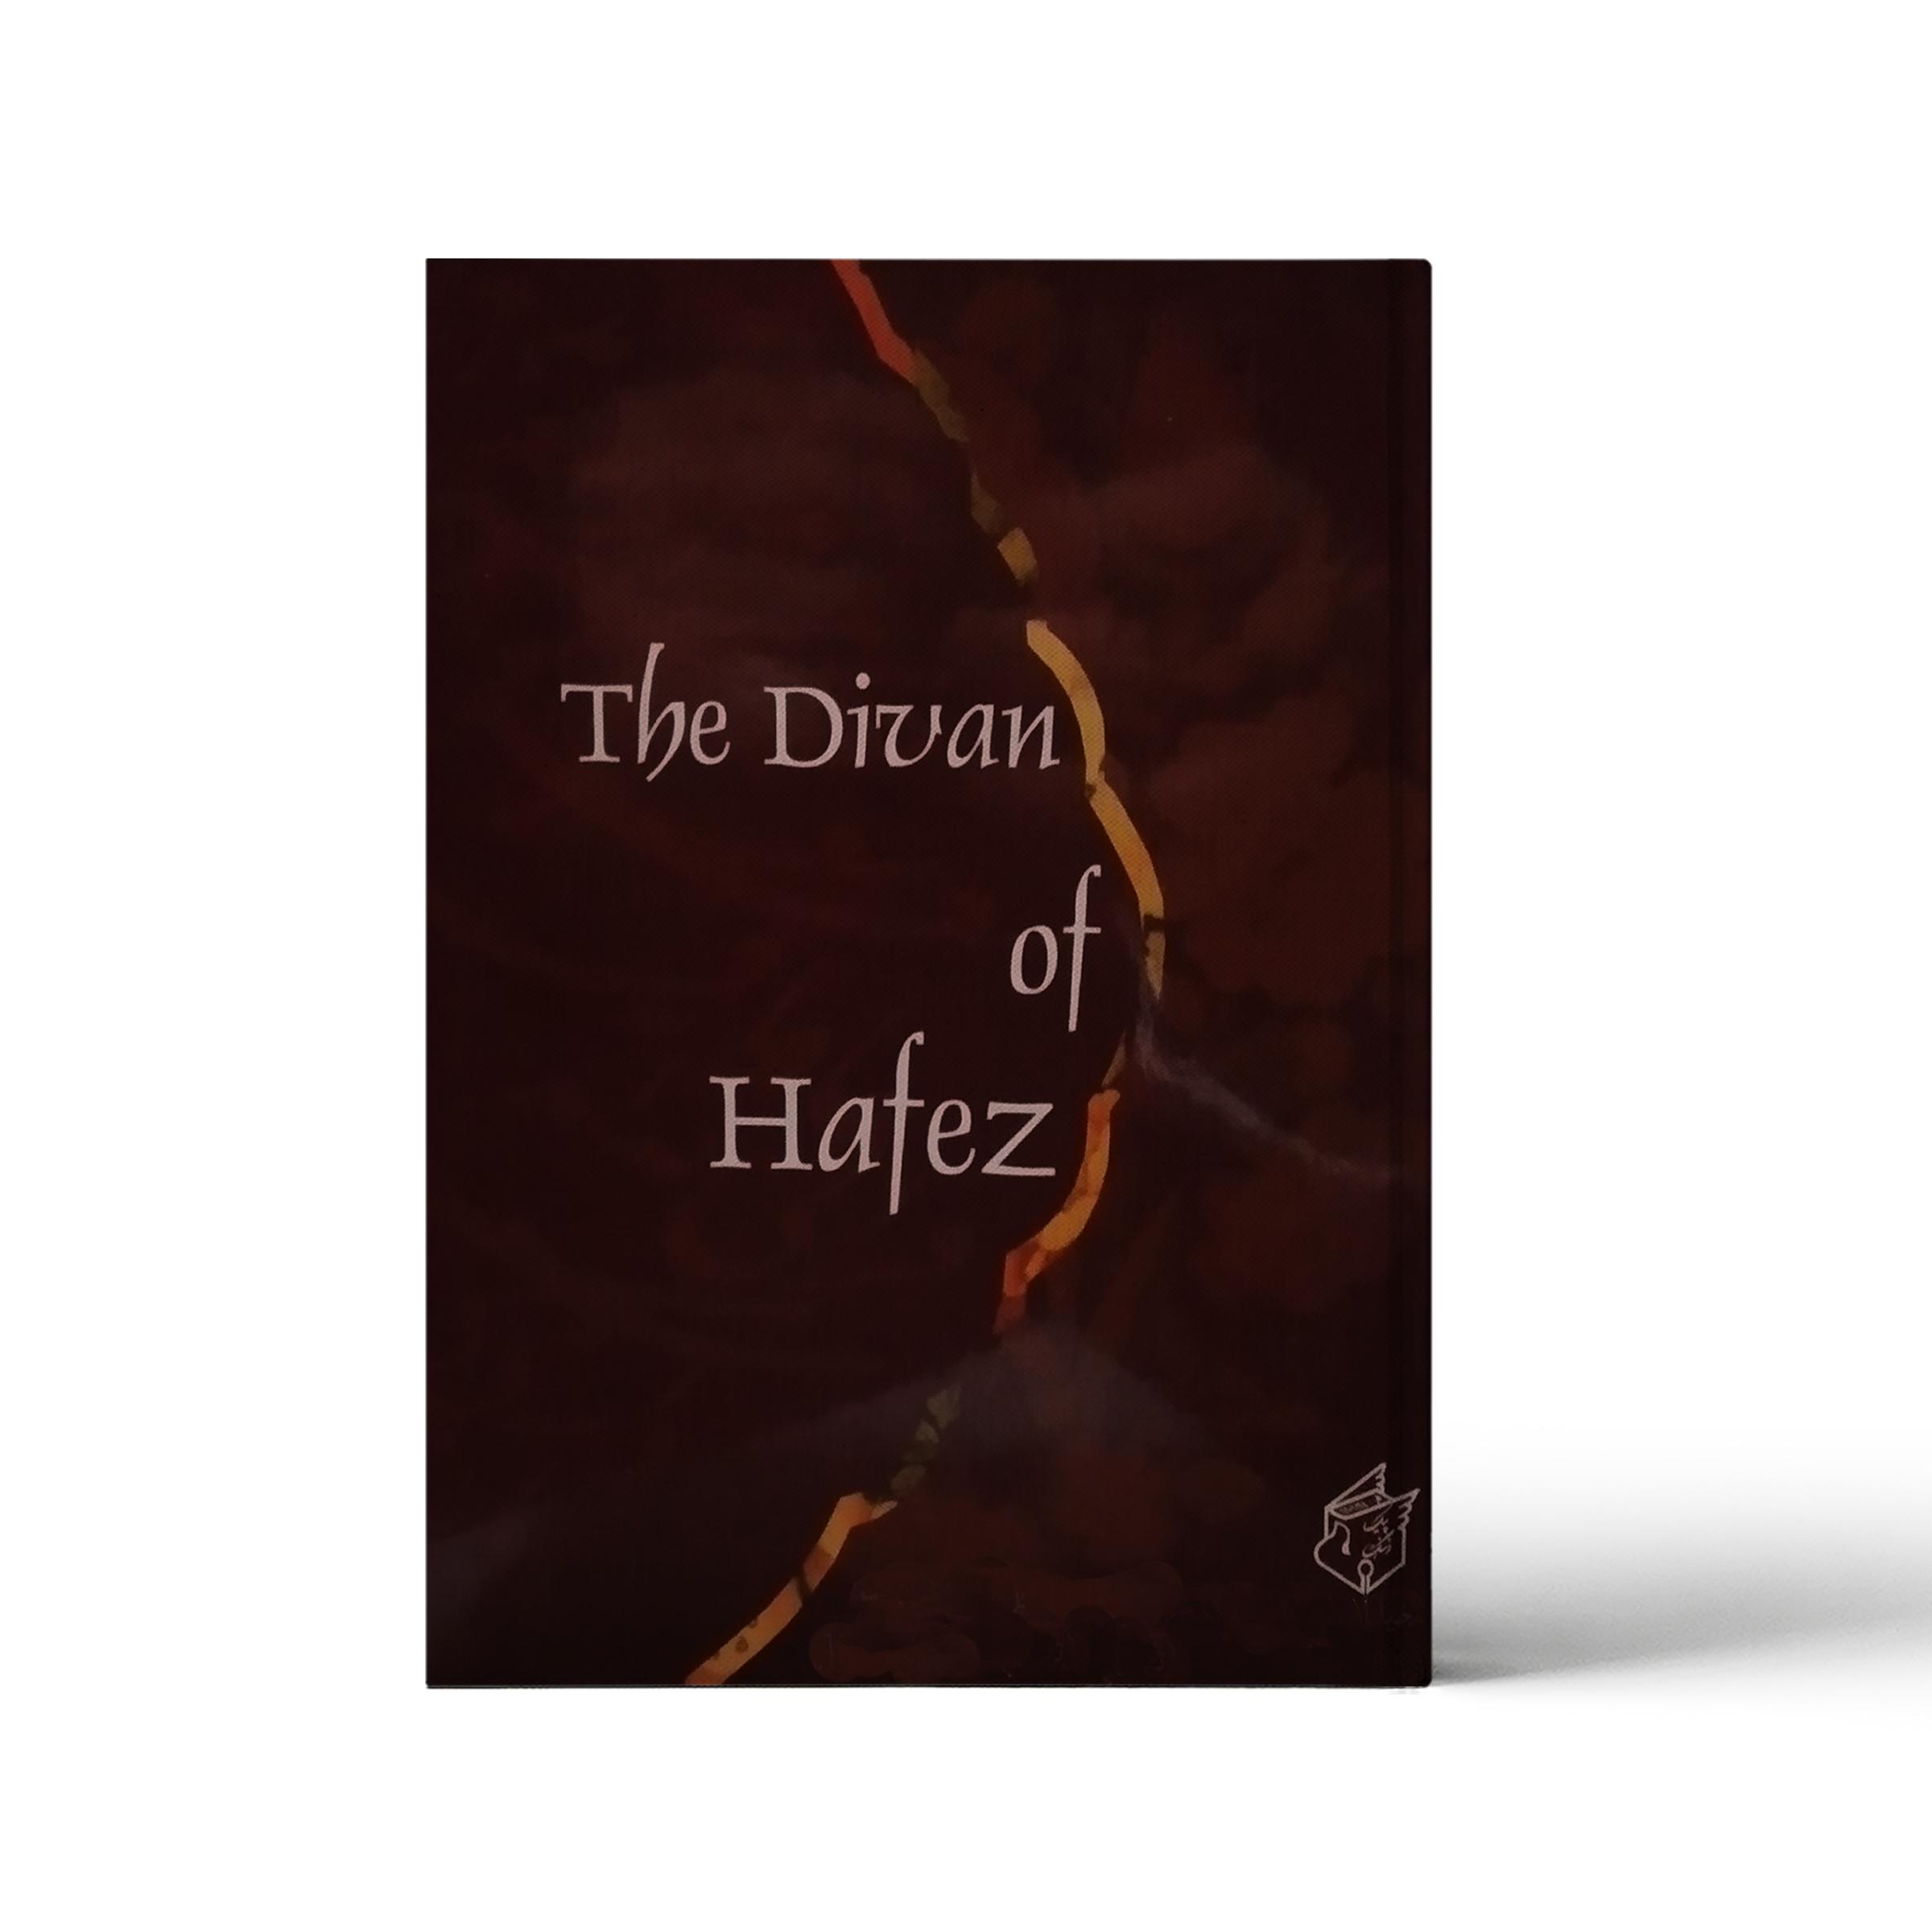 کتاب دیوان حافظانتشارات پیک فرهنگ